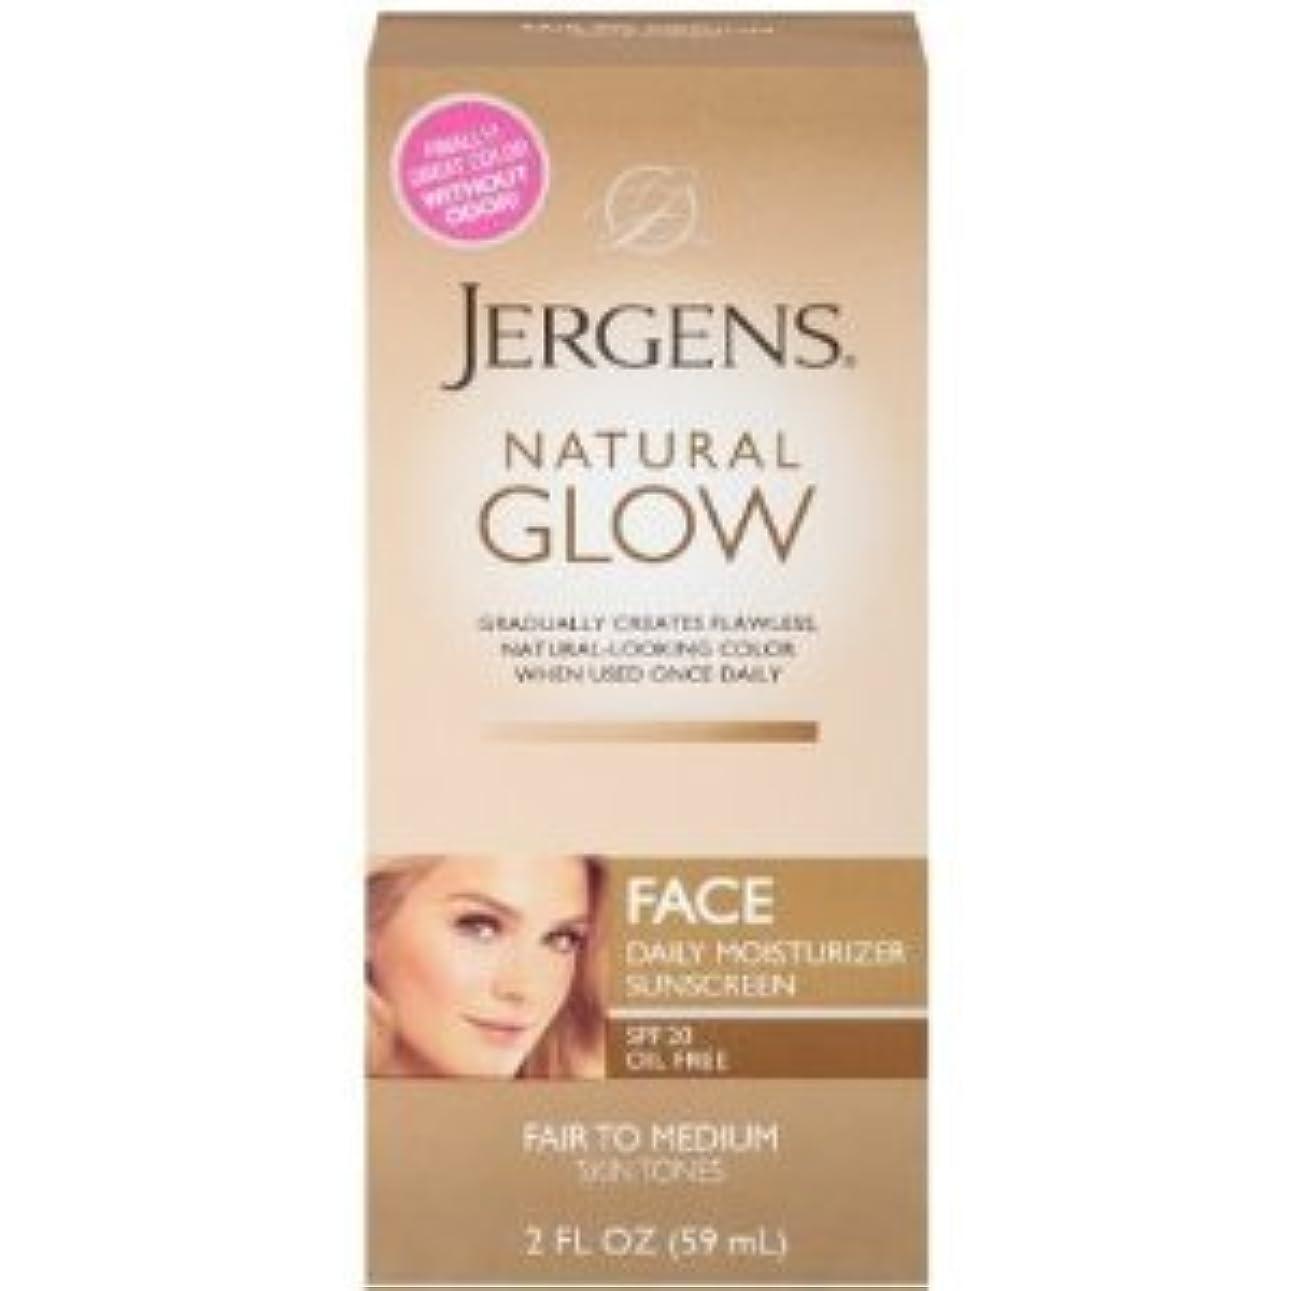 男心のこもった書き込みNatural Glow Healthy Complexion Daily Facial Moisturizer, SPF 20, Fair to Medium Tan, (59ml) (海外直送品)